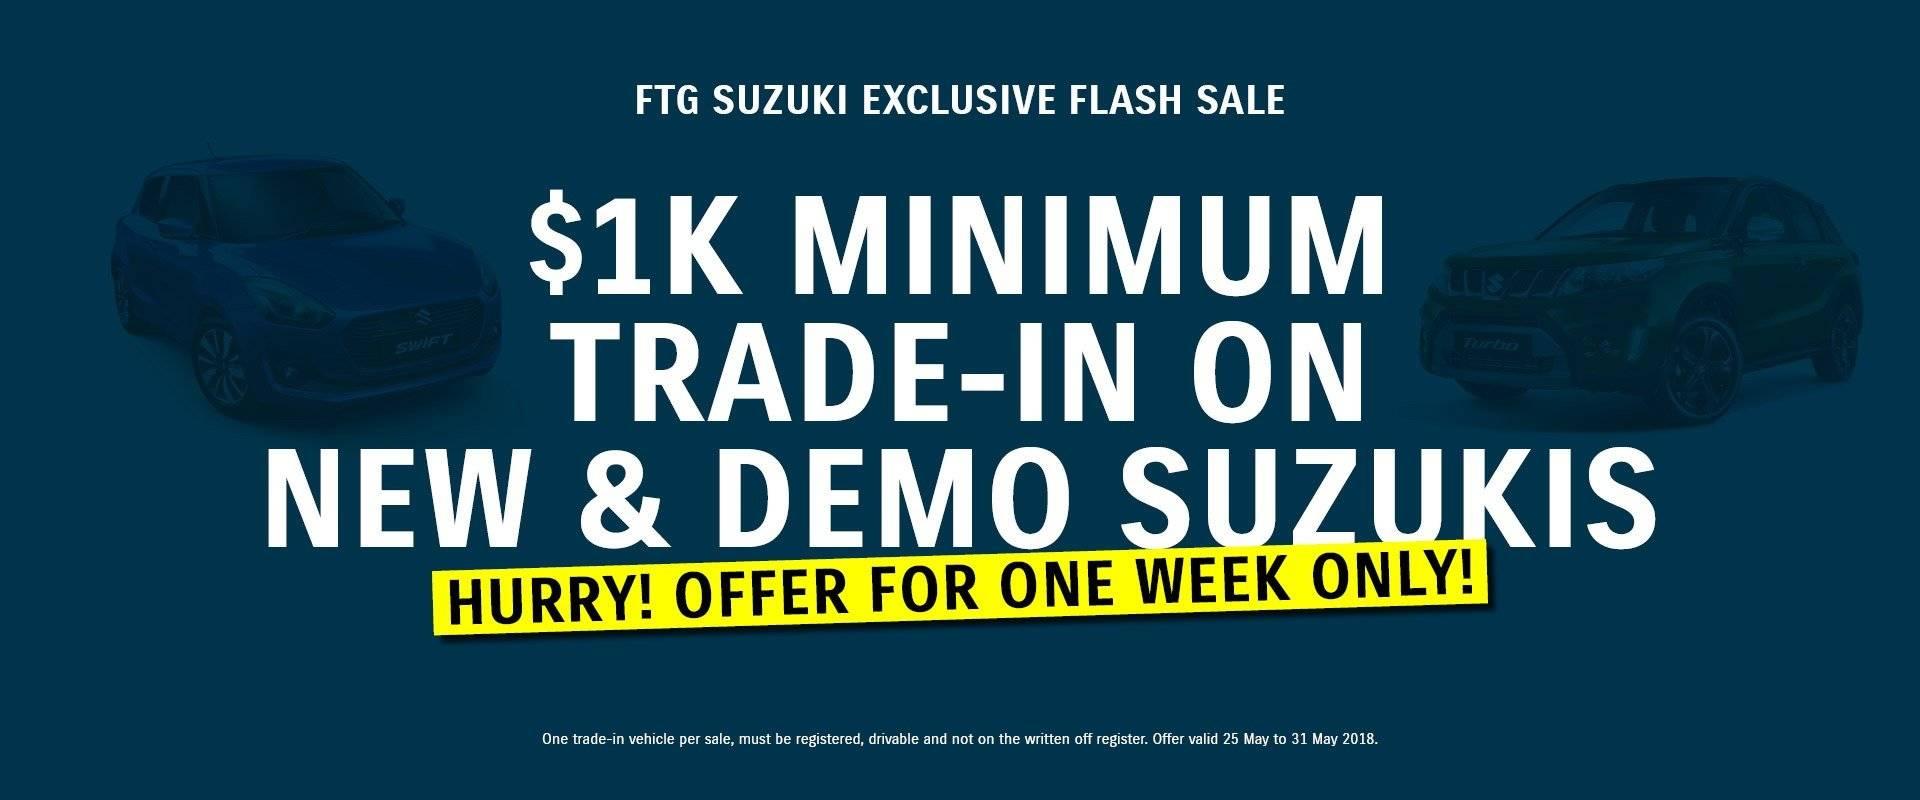 Ferntree Gully Suzuki Minimum Trade In Flash Sale